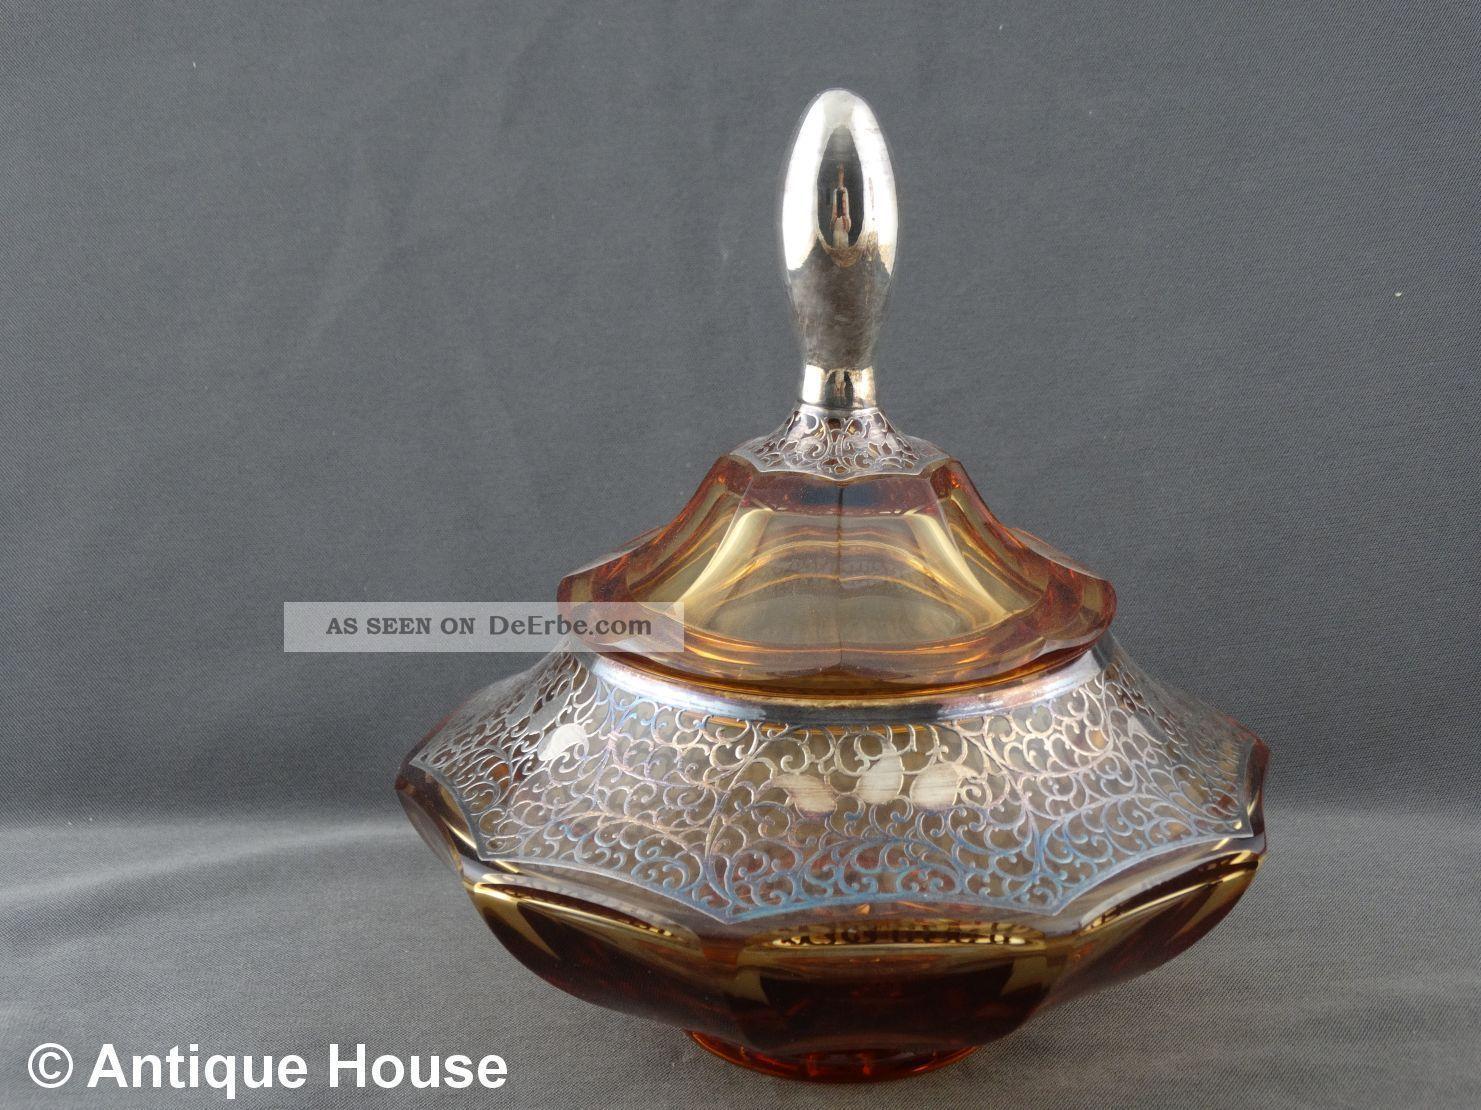 Antike Bonboniere Glas Kristallglas Bersteinfarben Mit Silberauflage Art Deko Kristall Bild